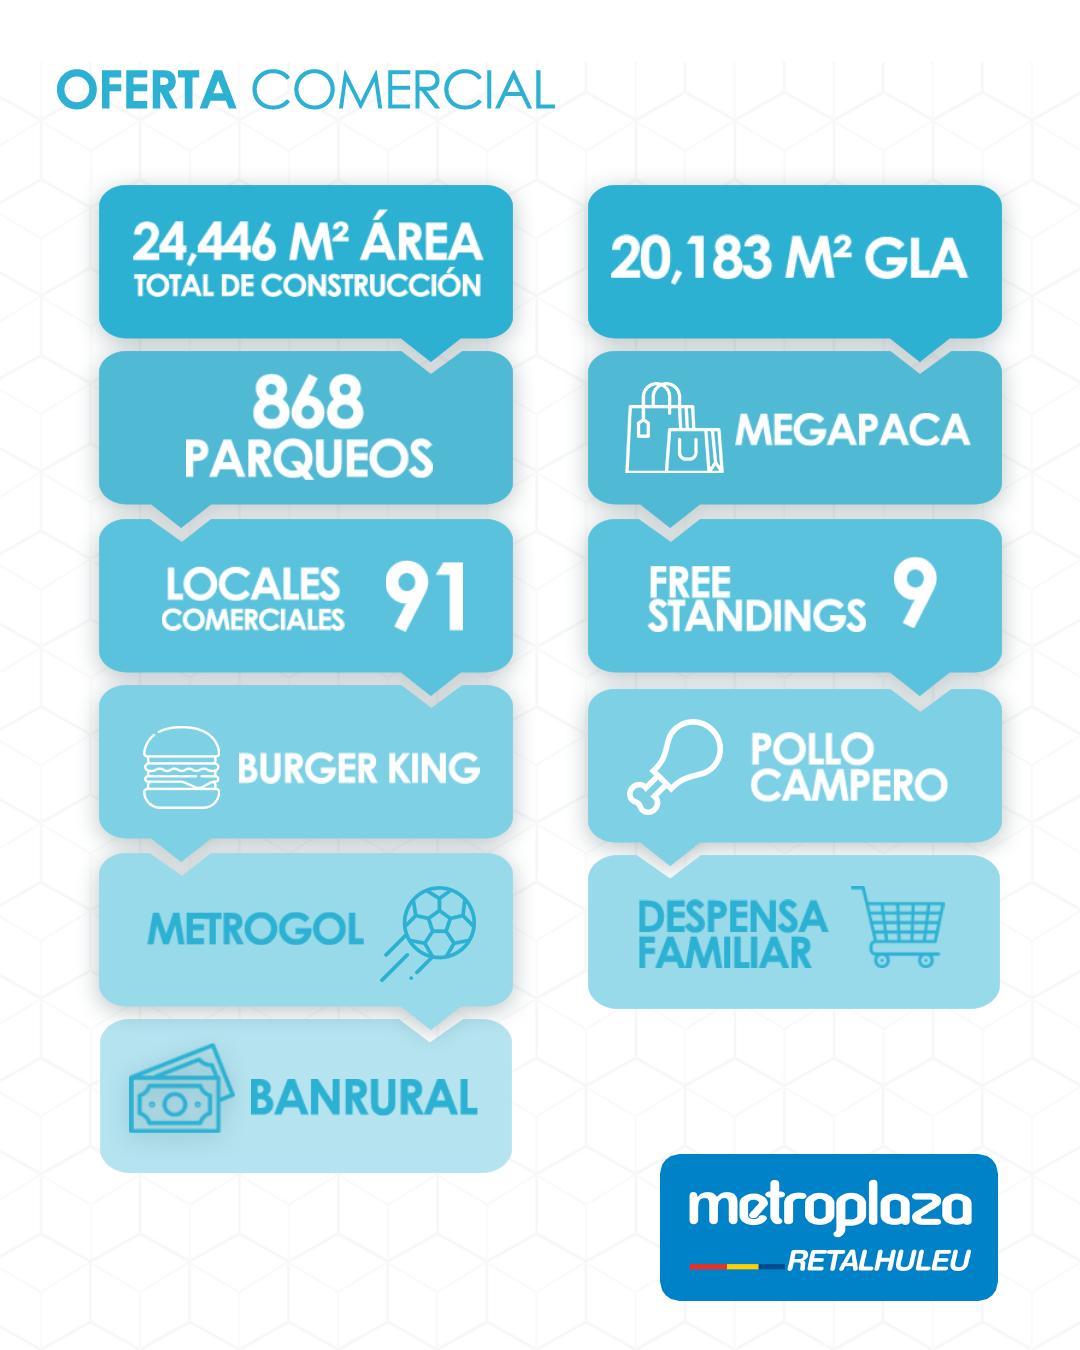 Metroplaza Retalhuleu San Sebastian